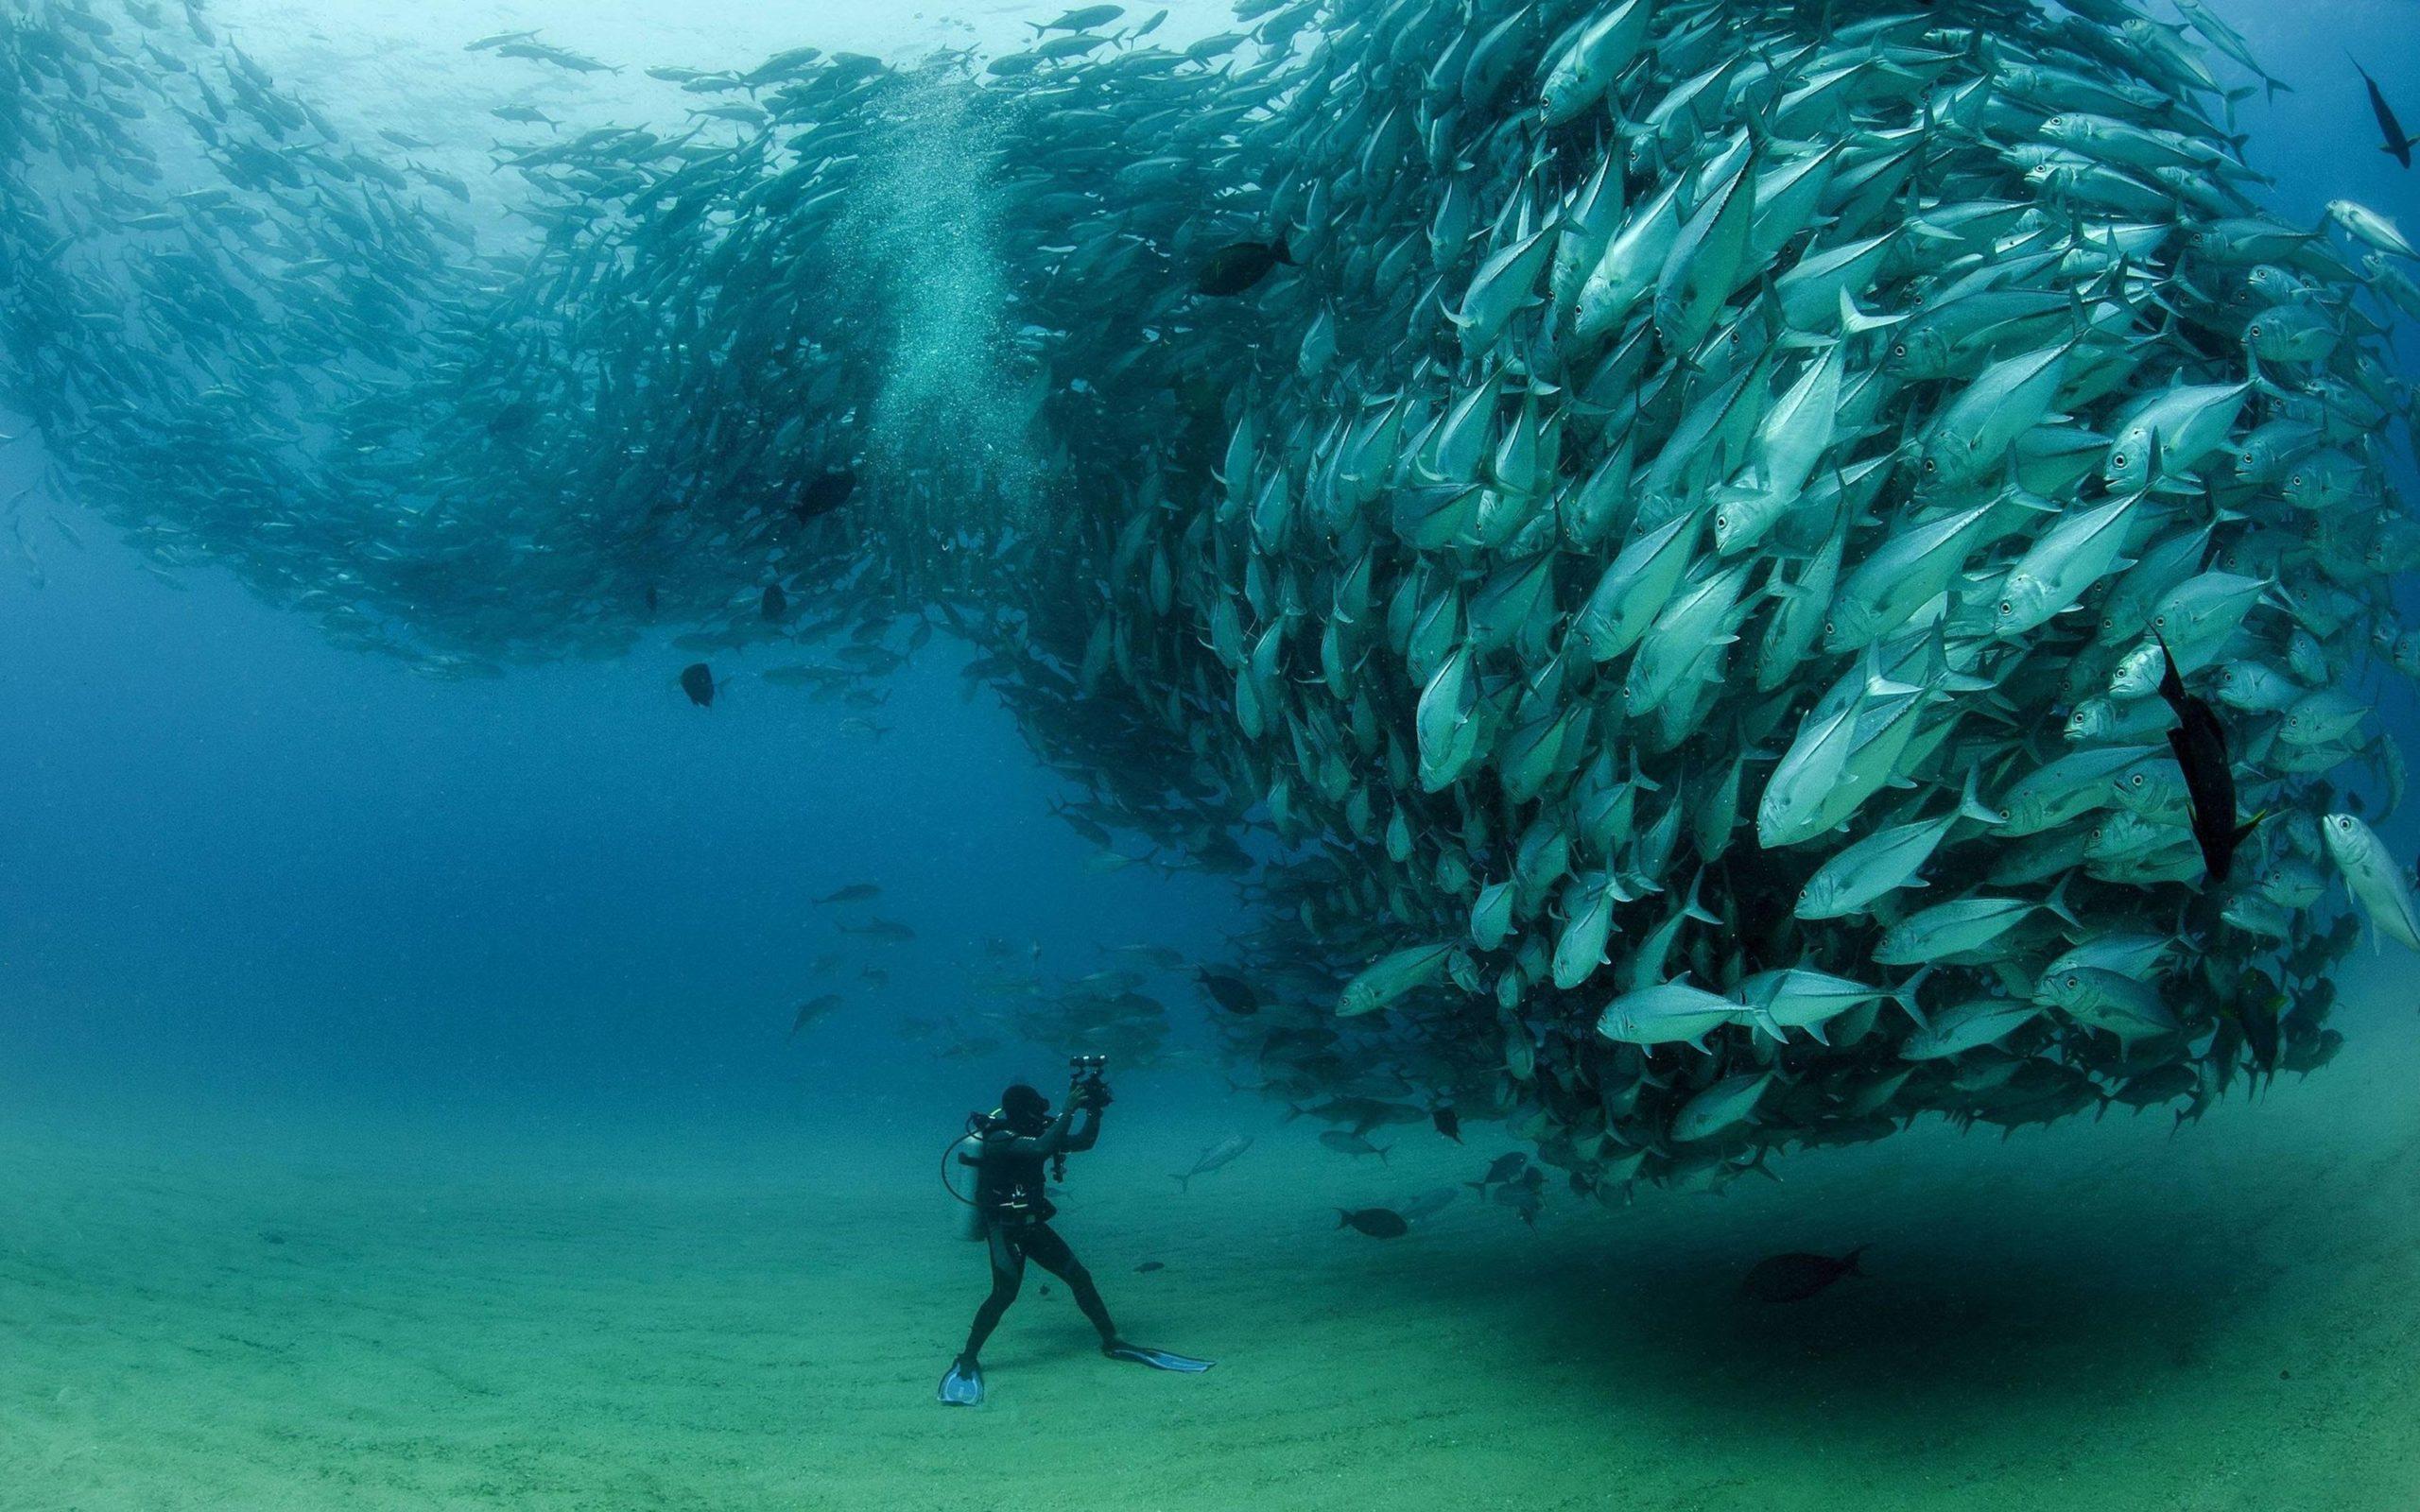 underwater fish background